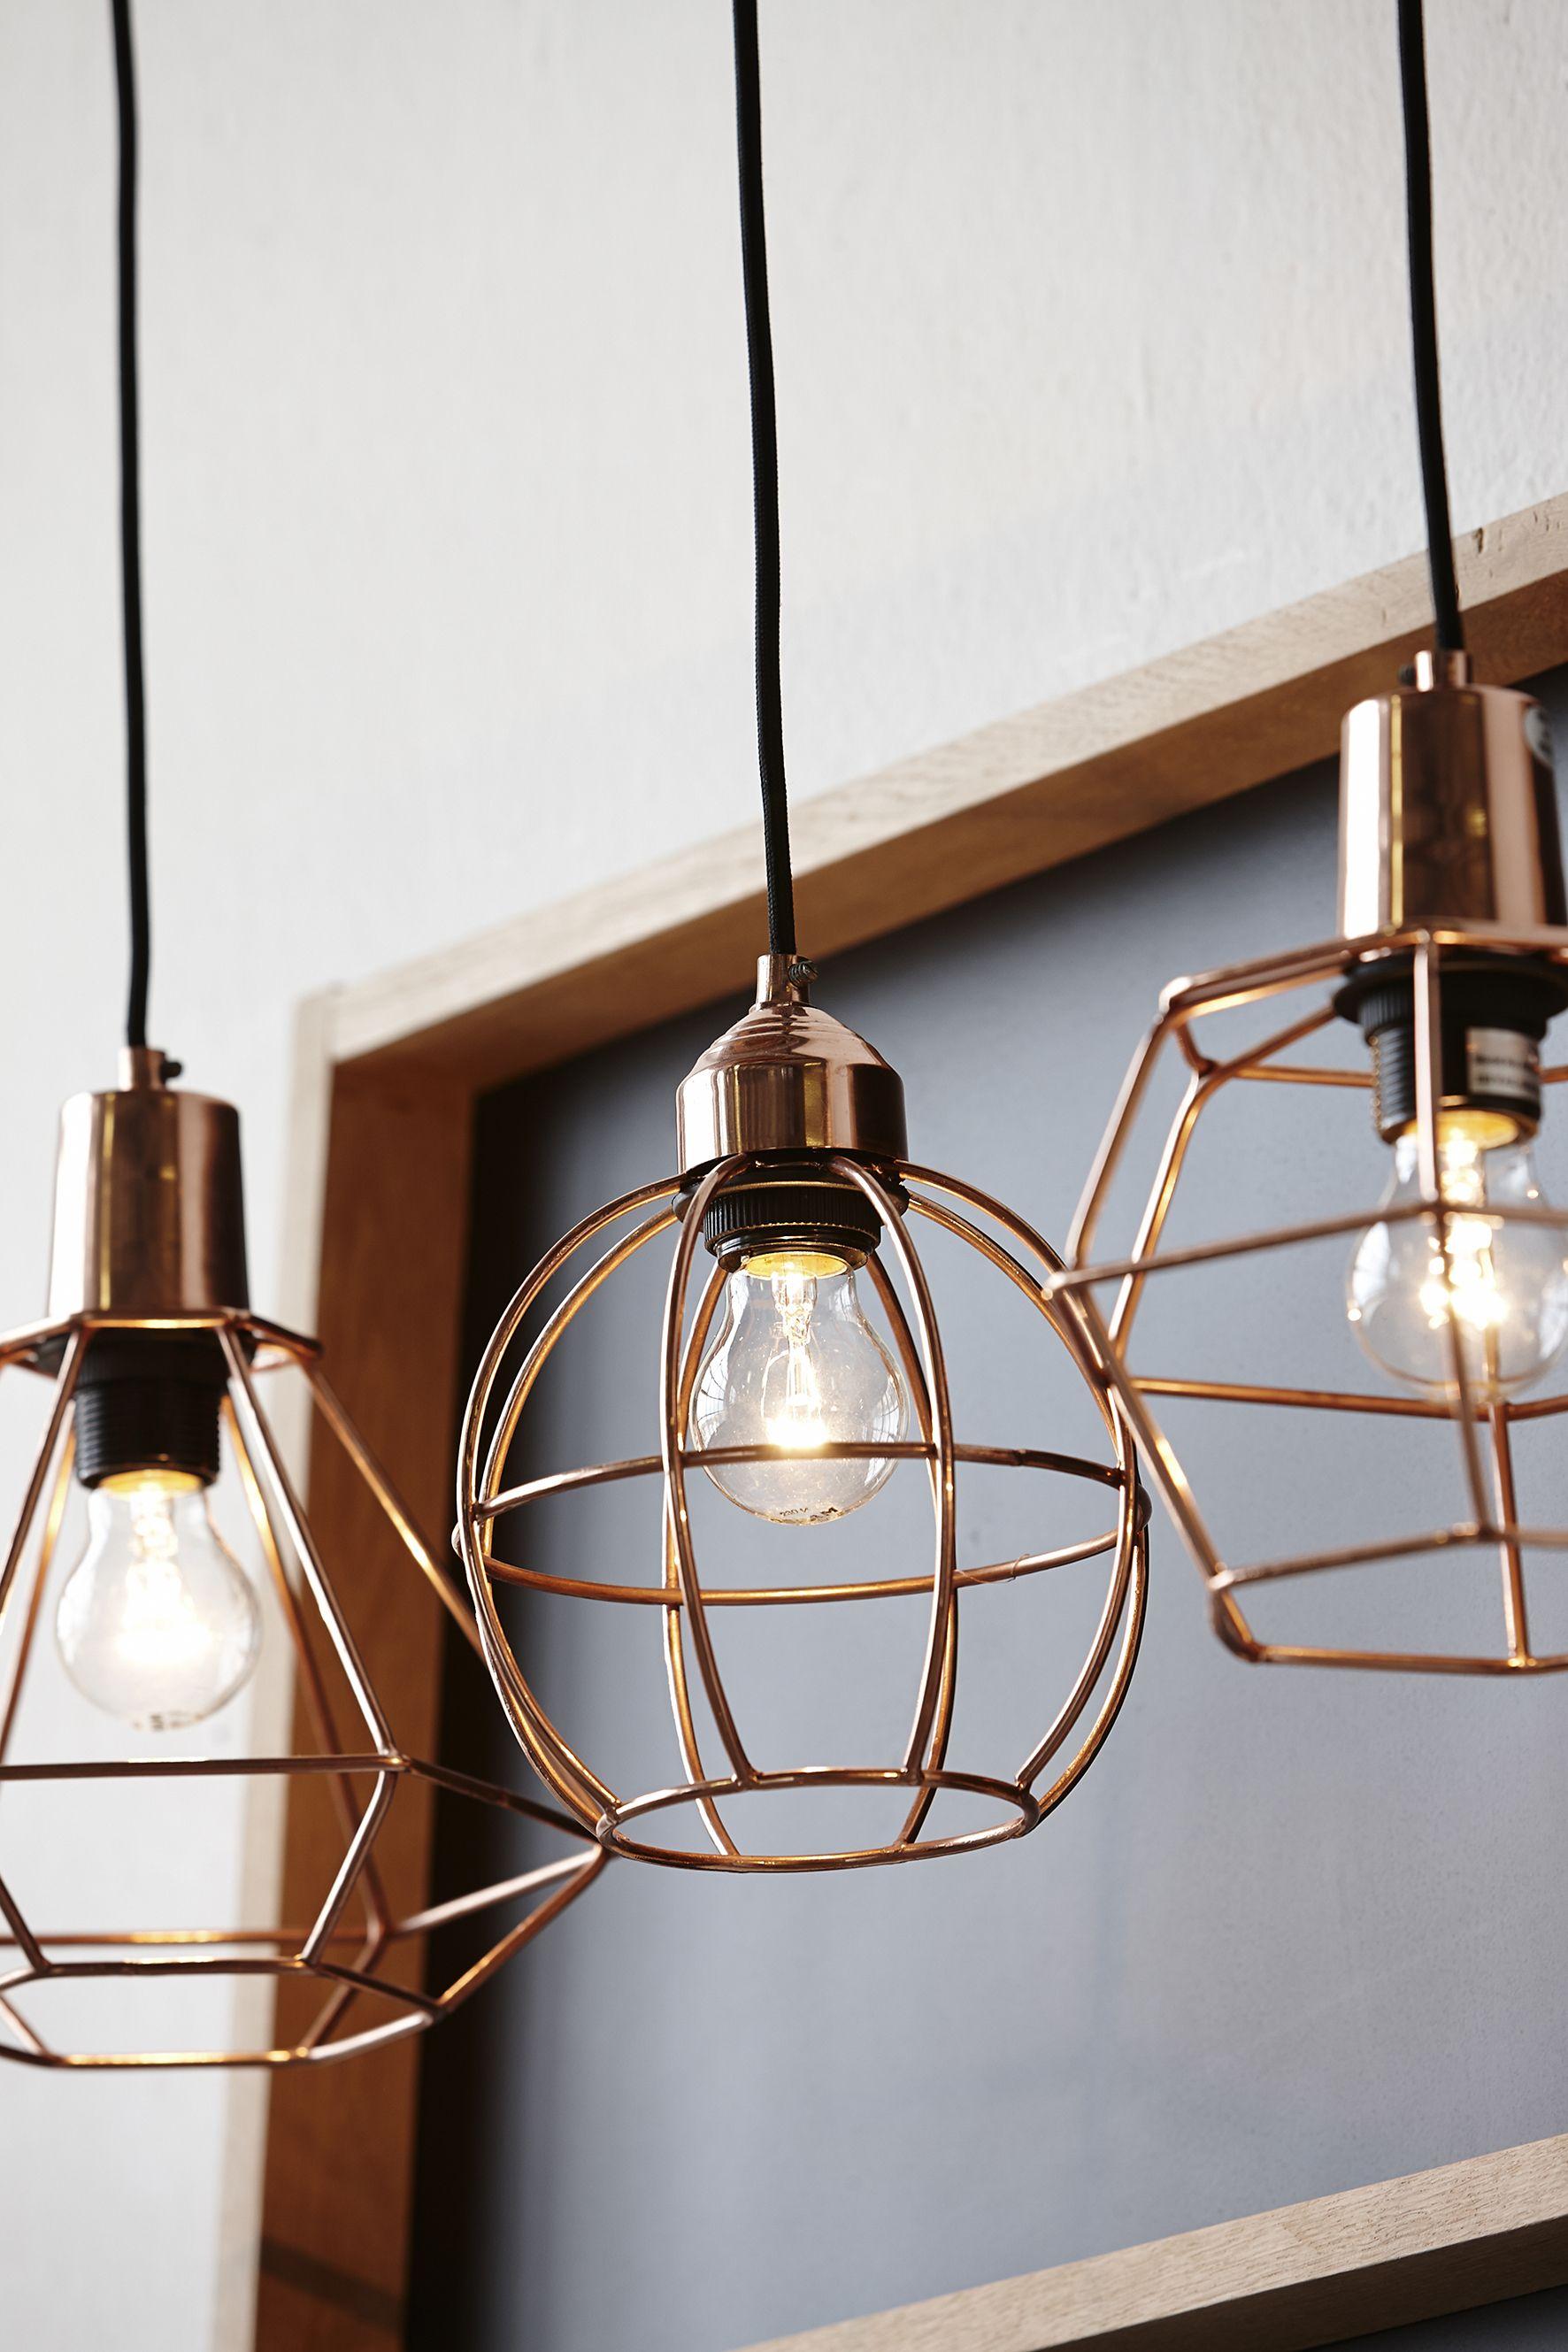 Kupferlampe rund | Hübsch interior, Fassung und Kabel